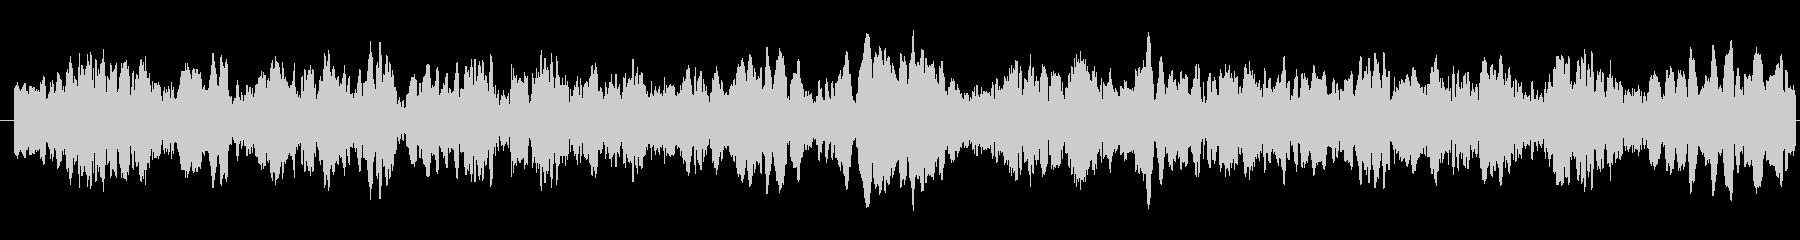 救急車 サイレンUS 01の未再生の波形